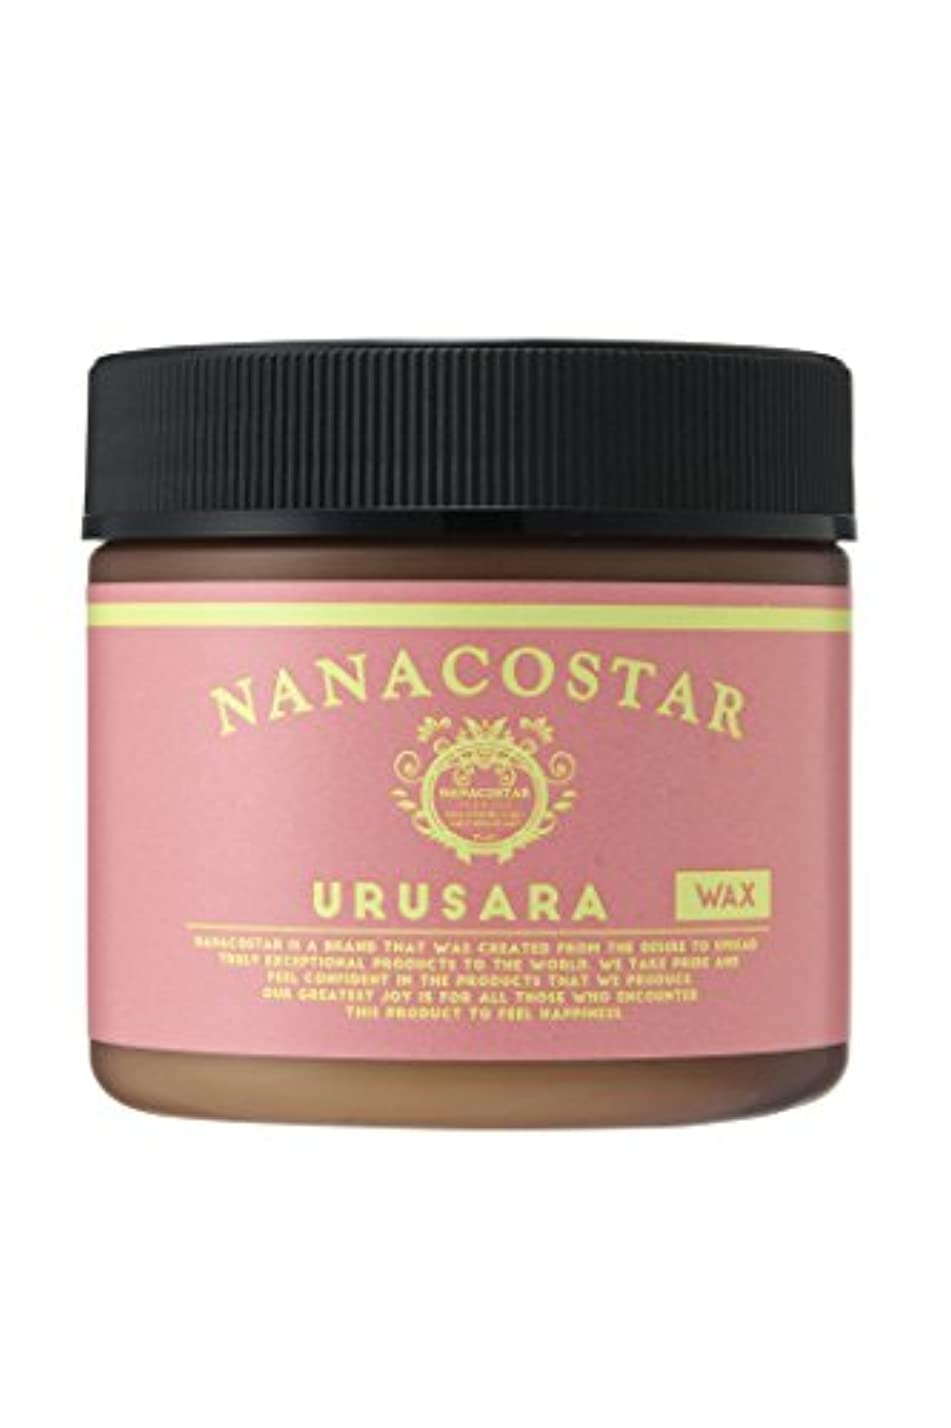 ラベル植物のメトリックナナコスター [NANACOSTAR] ウルサラワックス URUSARA WAX 75g